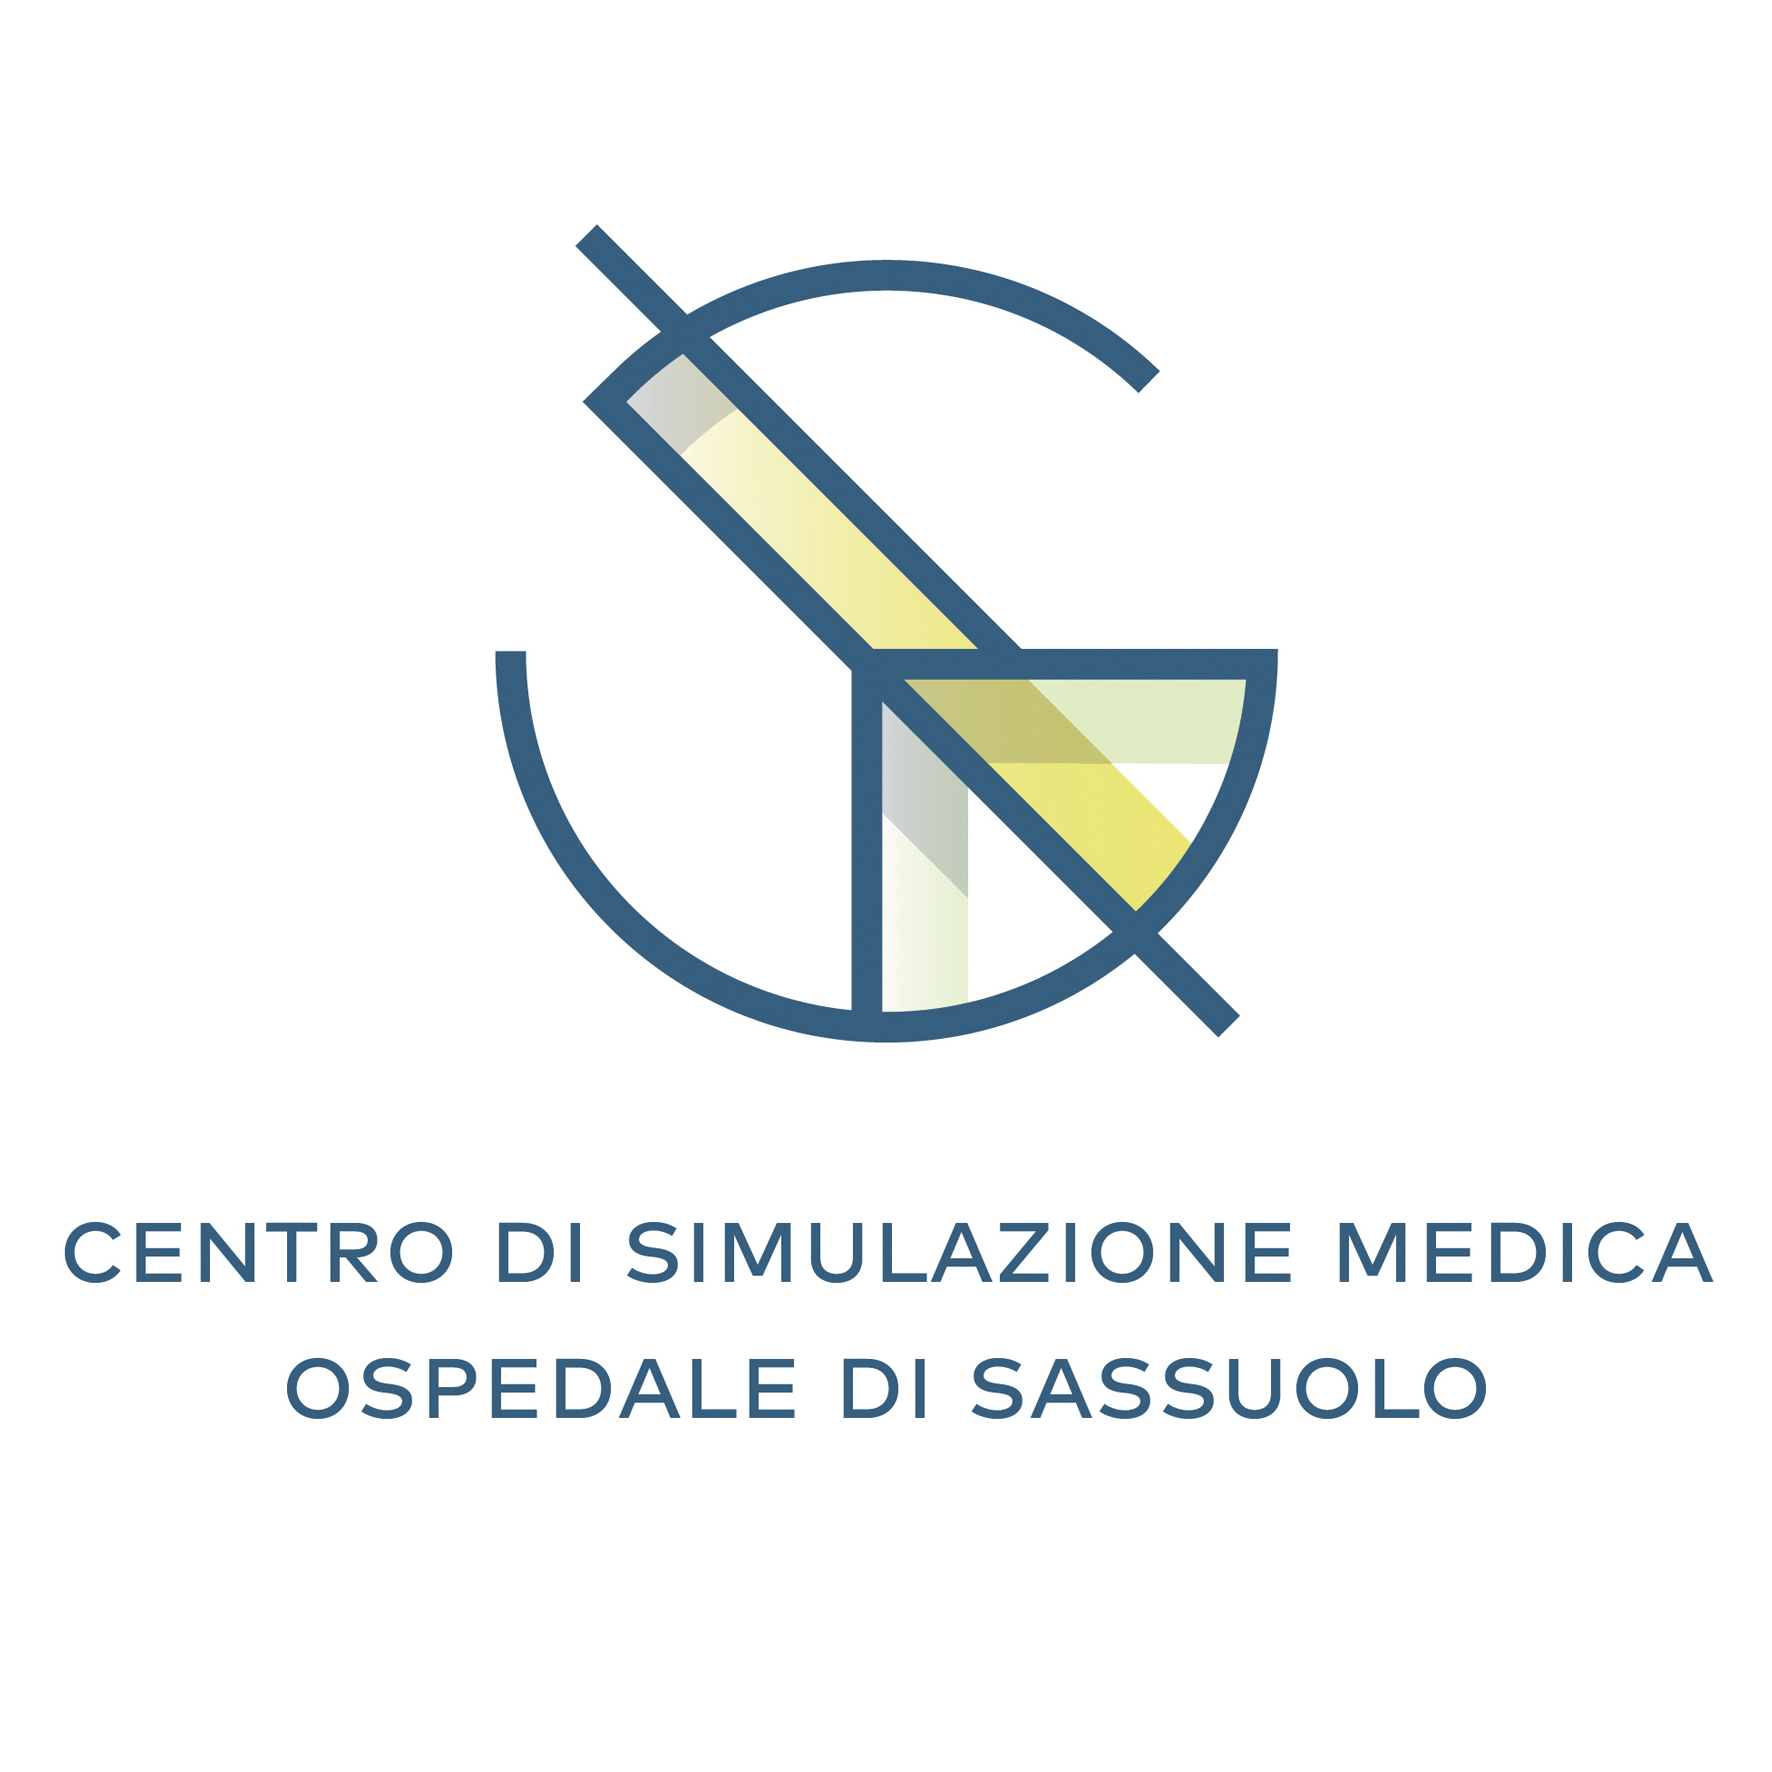 Centro di Simulazione Medica – Ospedale di Sassuolo